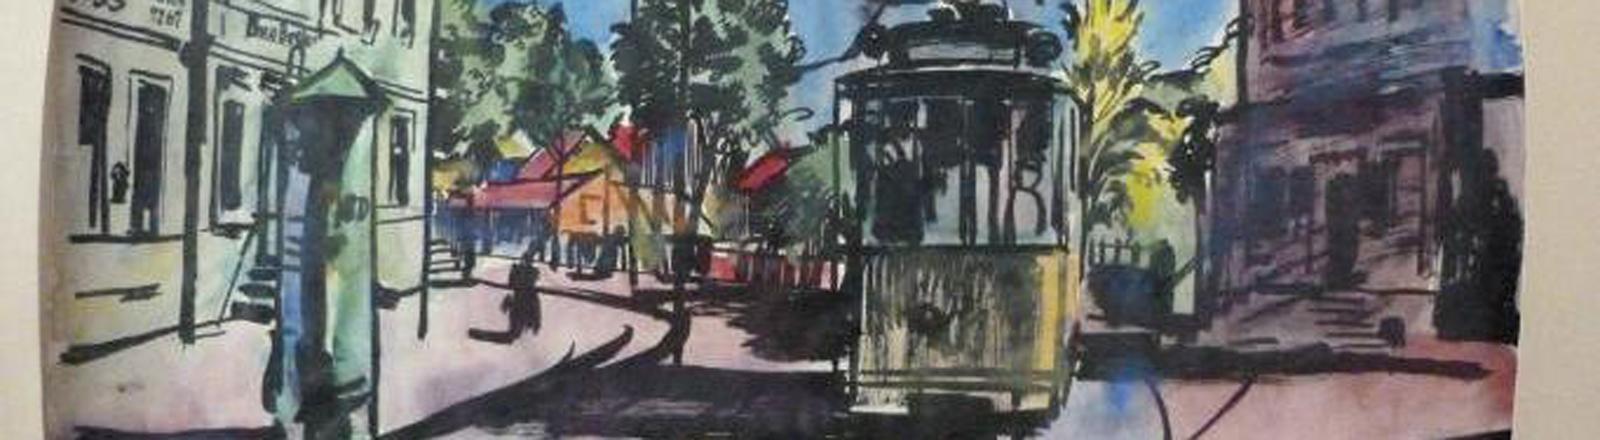 """Das Aquarell """"Straßenbahn"""" von Bernhard Kretschmar gehört zum Münchner Kunstfund."""